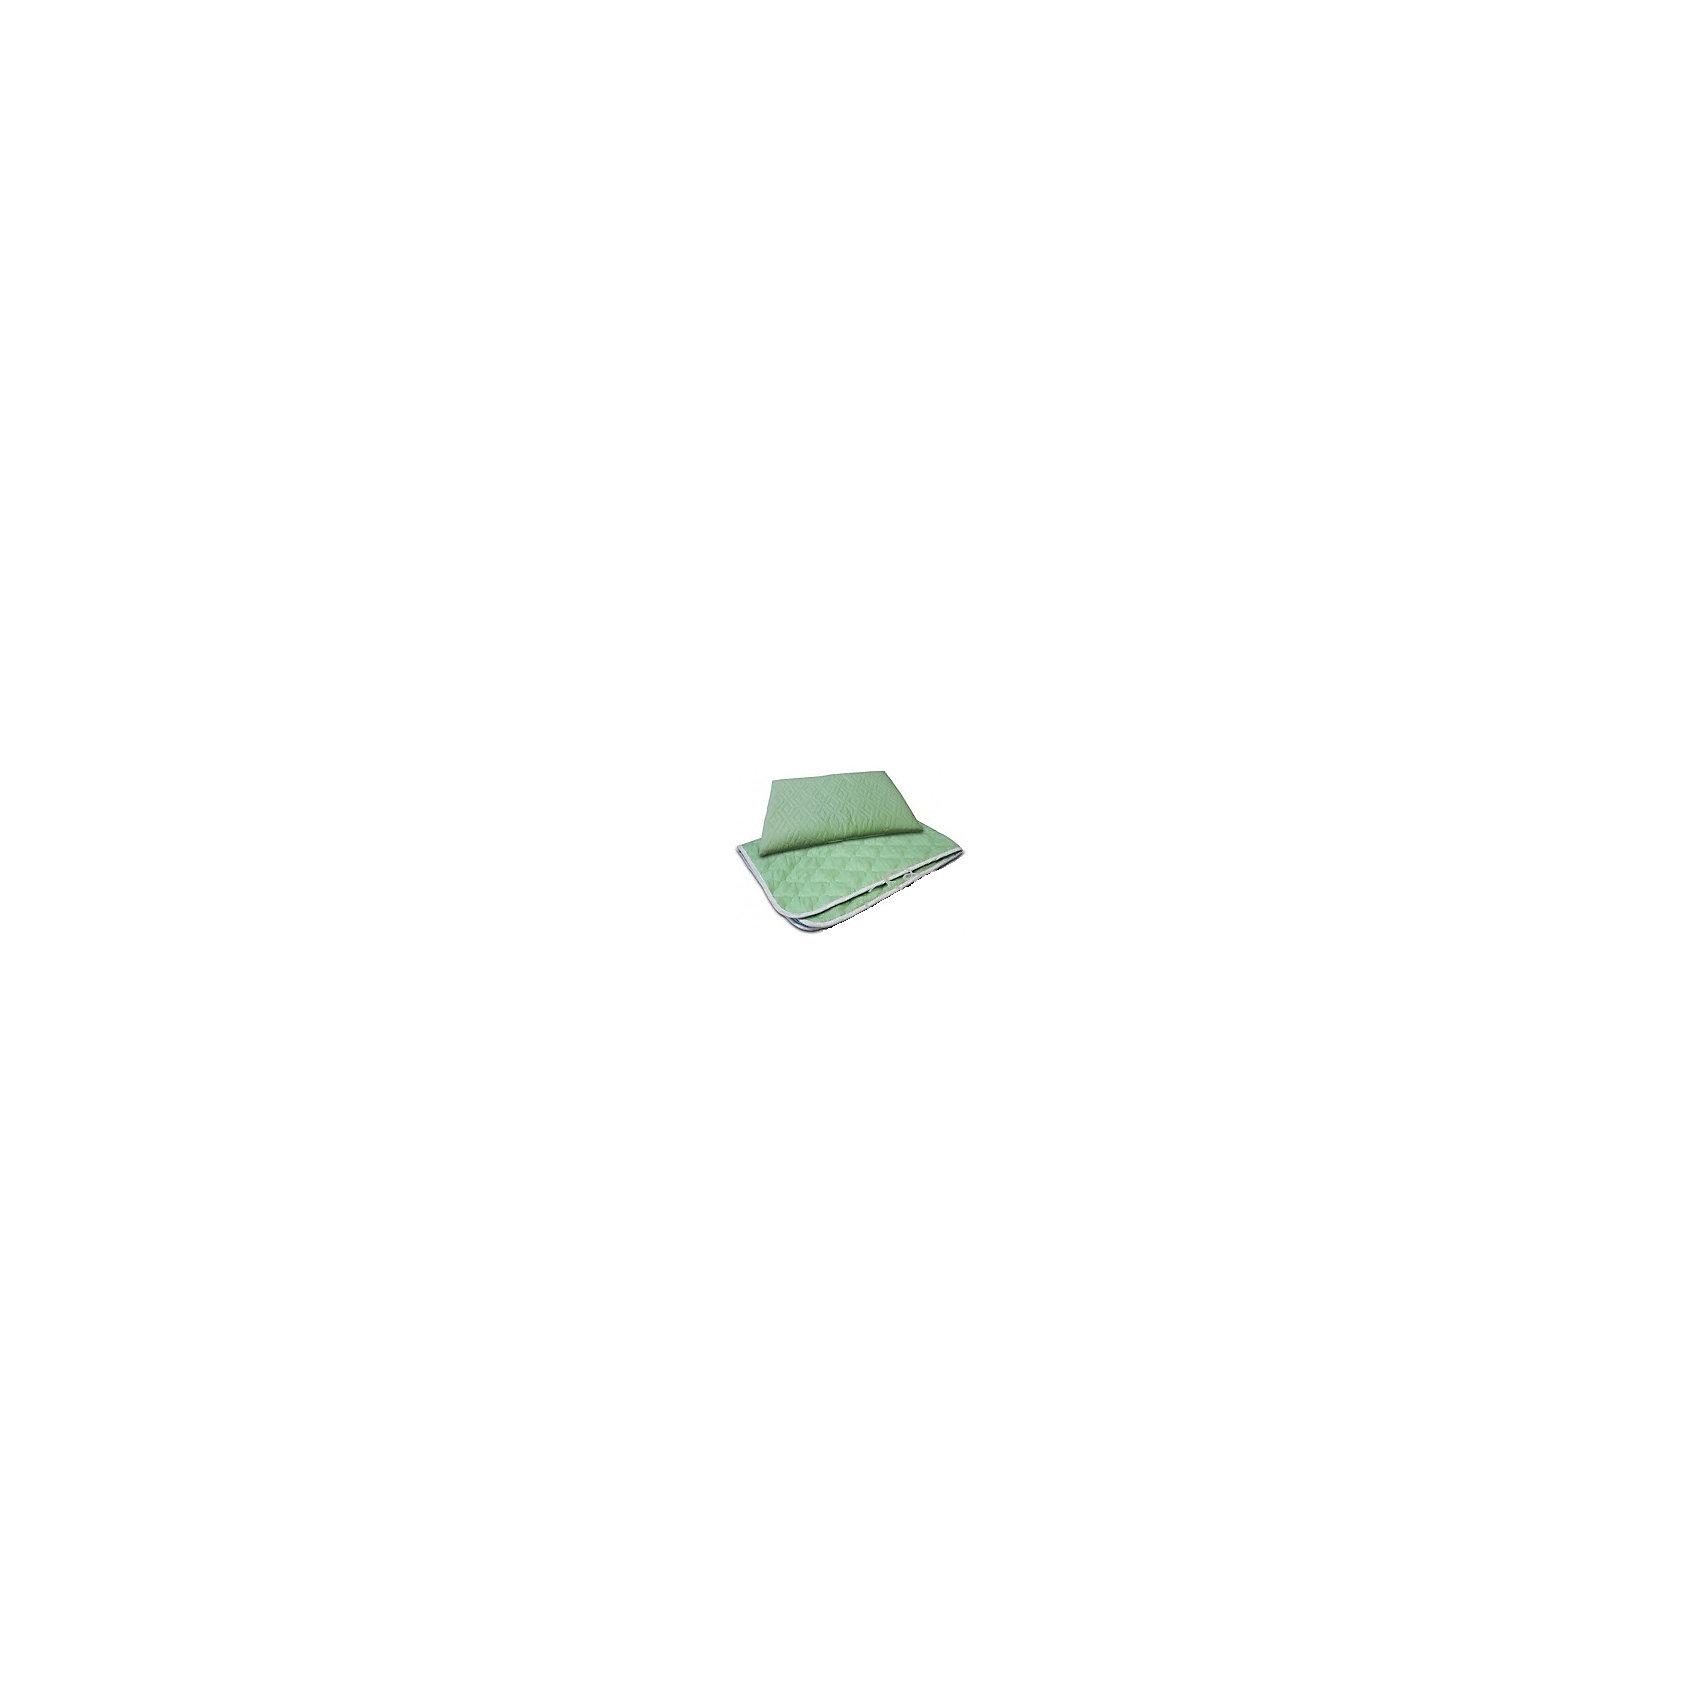 Комплект (одеяло+подушка) Бамбук SB-BP10, Sweet BabyПодушки<br>Характеристики товара:<br>• цвет: зеленый<br>• сезон: всесезонное<br>• комплект: одеяло, подушка<br>• наполнитель: бамбуковое волокно<br>• ткань: микрофайбер стеганый<br>• размер одеяла: 110х140 см<br>• размер подушки: 40х60 см<br>• рекомендована ручная стирка при 40? С<br><br>Комплект (одеяло+подушка) Бамбук, Sweet Babyможно купить в нашем интернет-магазине.<br><br>Ширина мм: 400<br>Глубина мм: 200<br>Высота мм: 600<br>Вес г: 1500<br>Возраст от месяцев: 0<br>Возраст до месяцев: 36<br>Пол: Унисекс<br>Возраст: Детский<br>SKU: 5583590